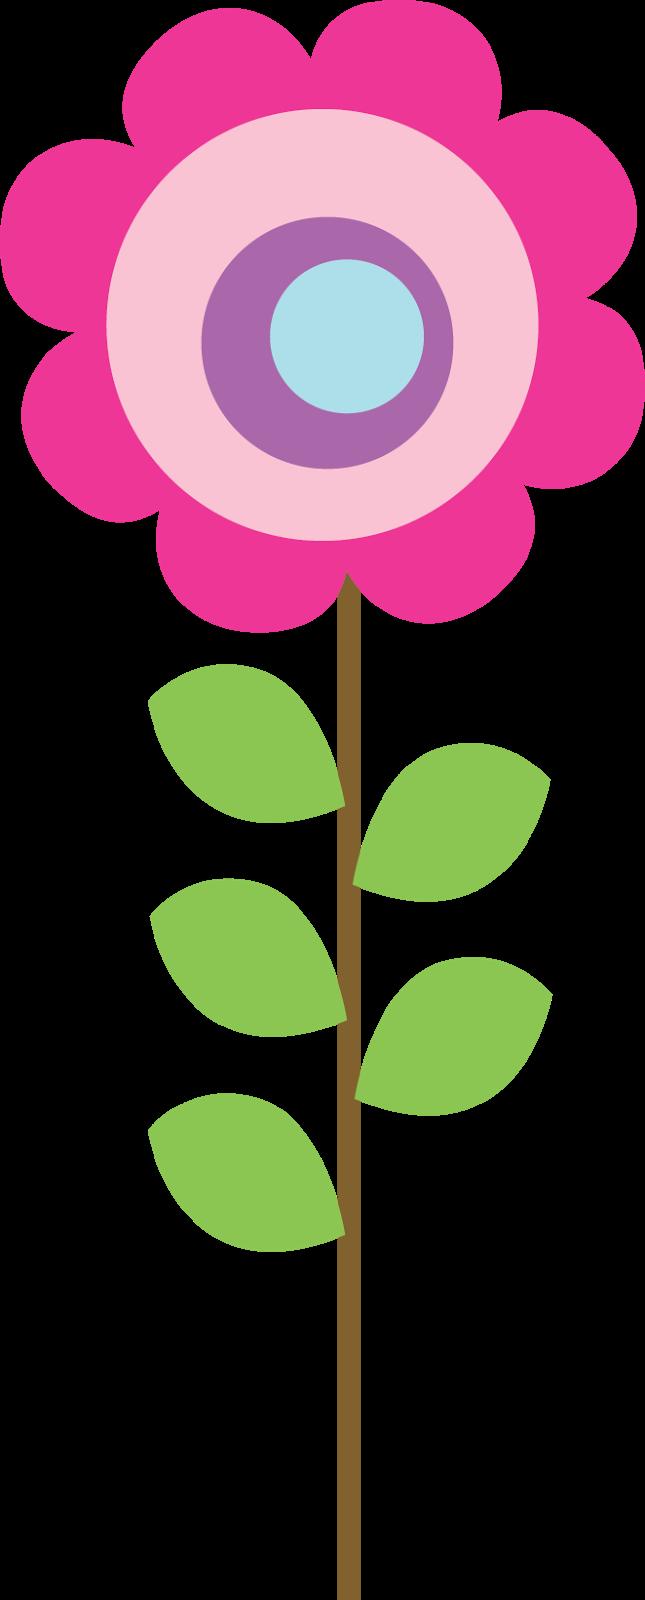 Ifhw4thvkhthz Png 645 1600 Clip Art Crafts Flower Art